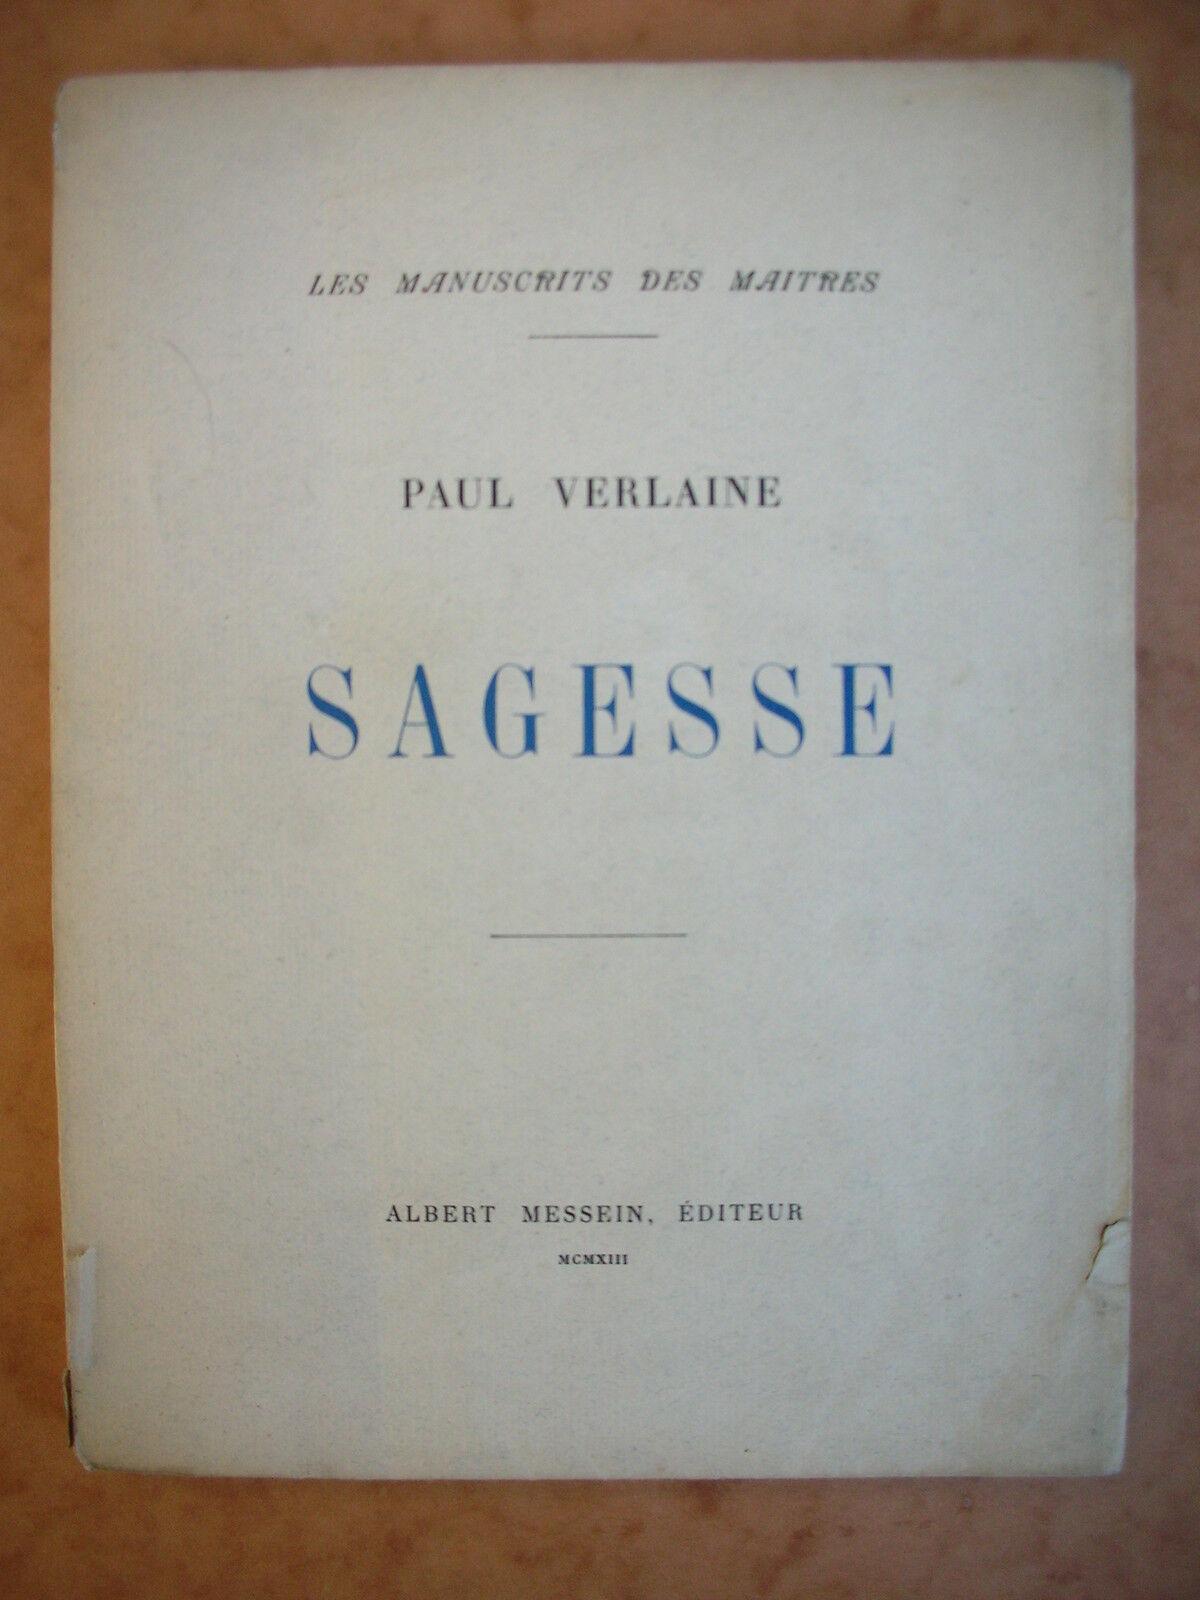 Paul Verlaine. Sagesse manuscrit remis, en 1880, à la Société de librairie catholique, pour l'impression de la première édition... Avertissement d'Ernest Delahaye (Les Manuscrits des maîtres)